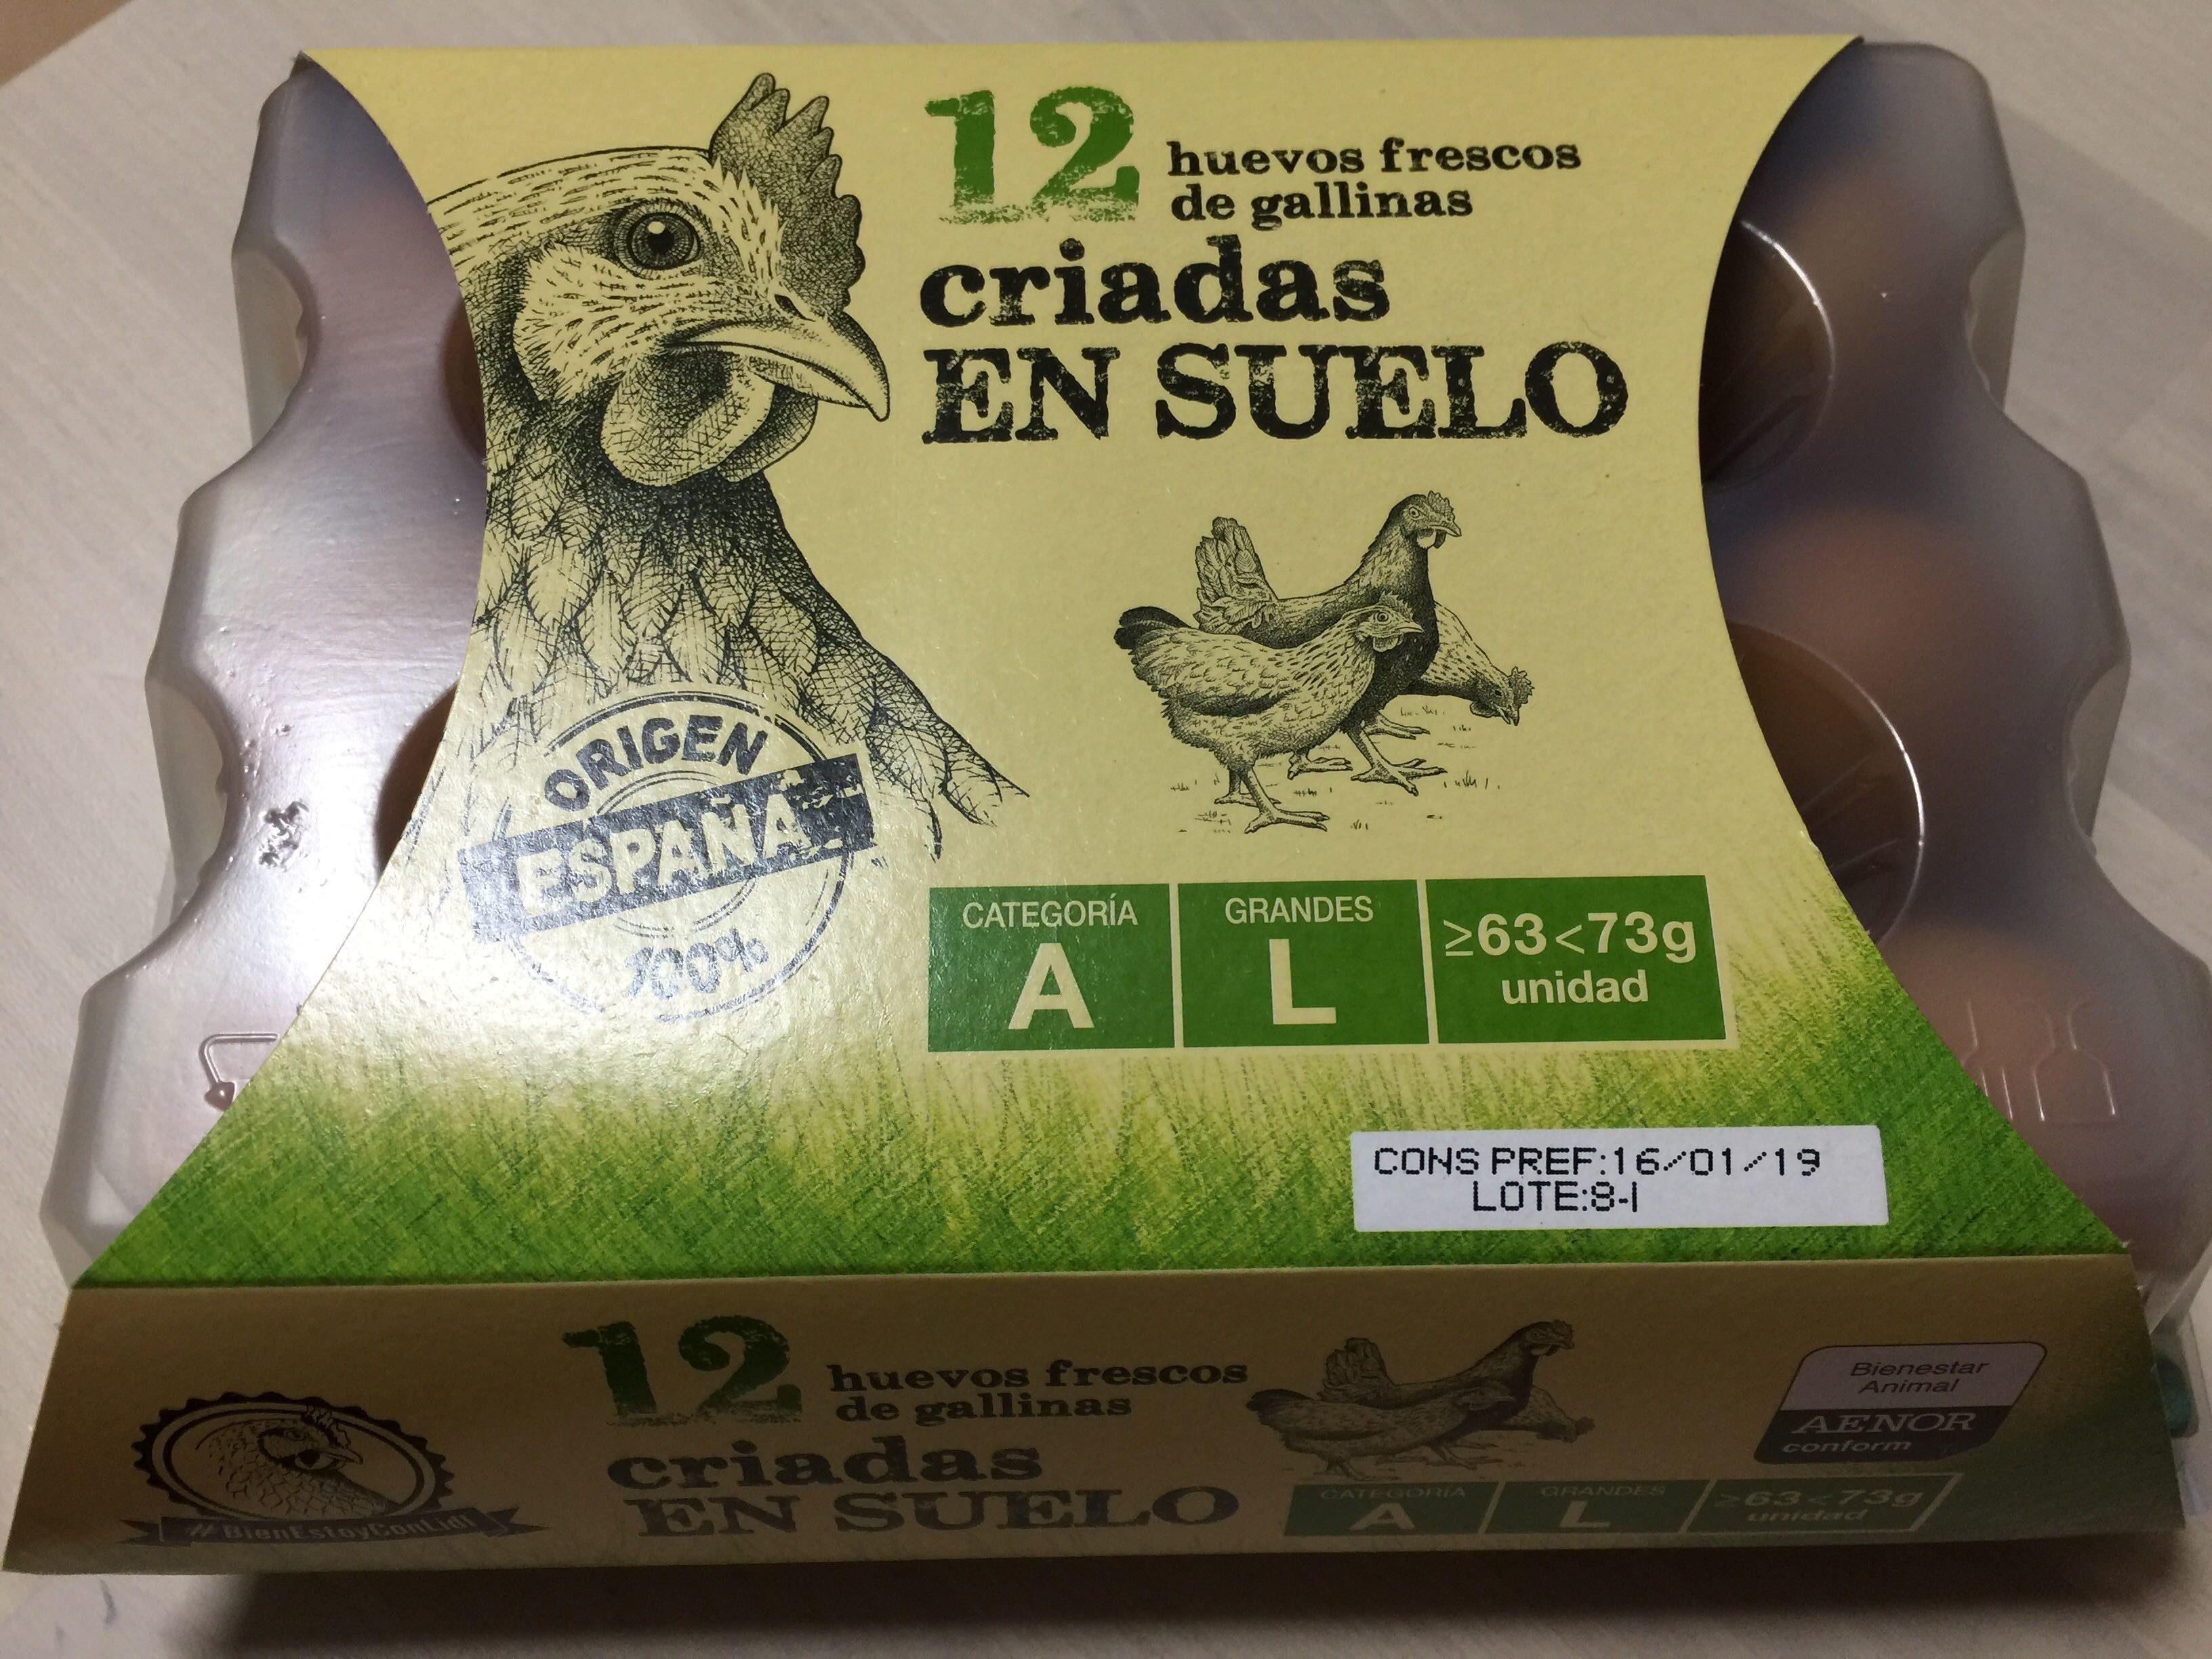 Huevos frescos de gallinas criadas en suelo - Producte - es